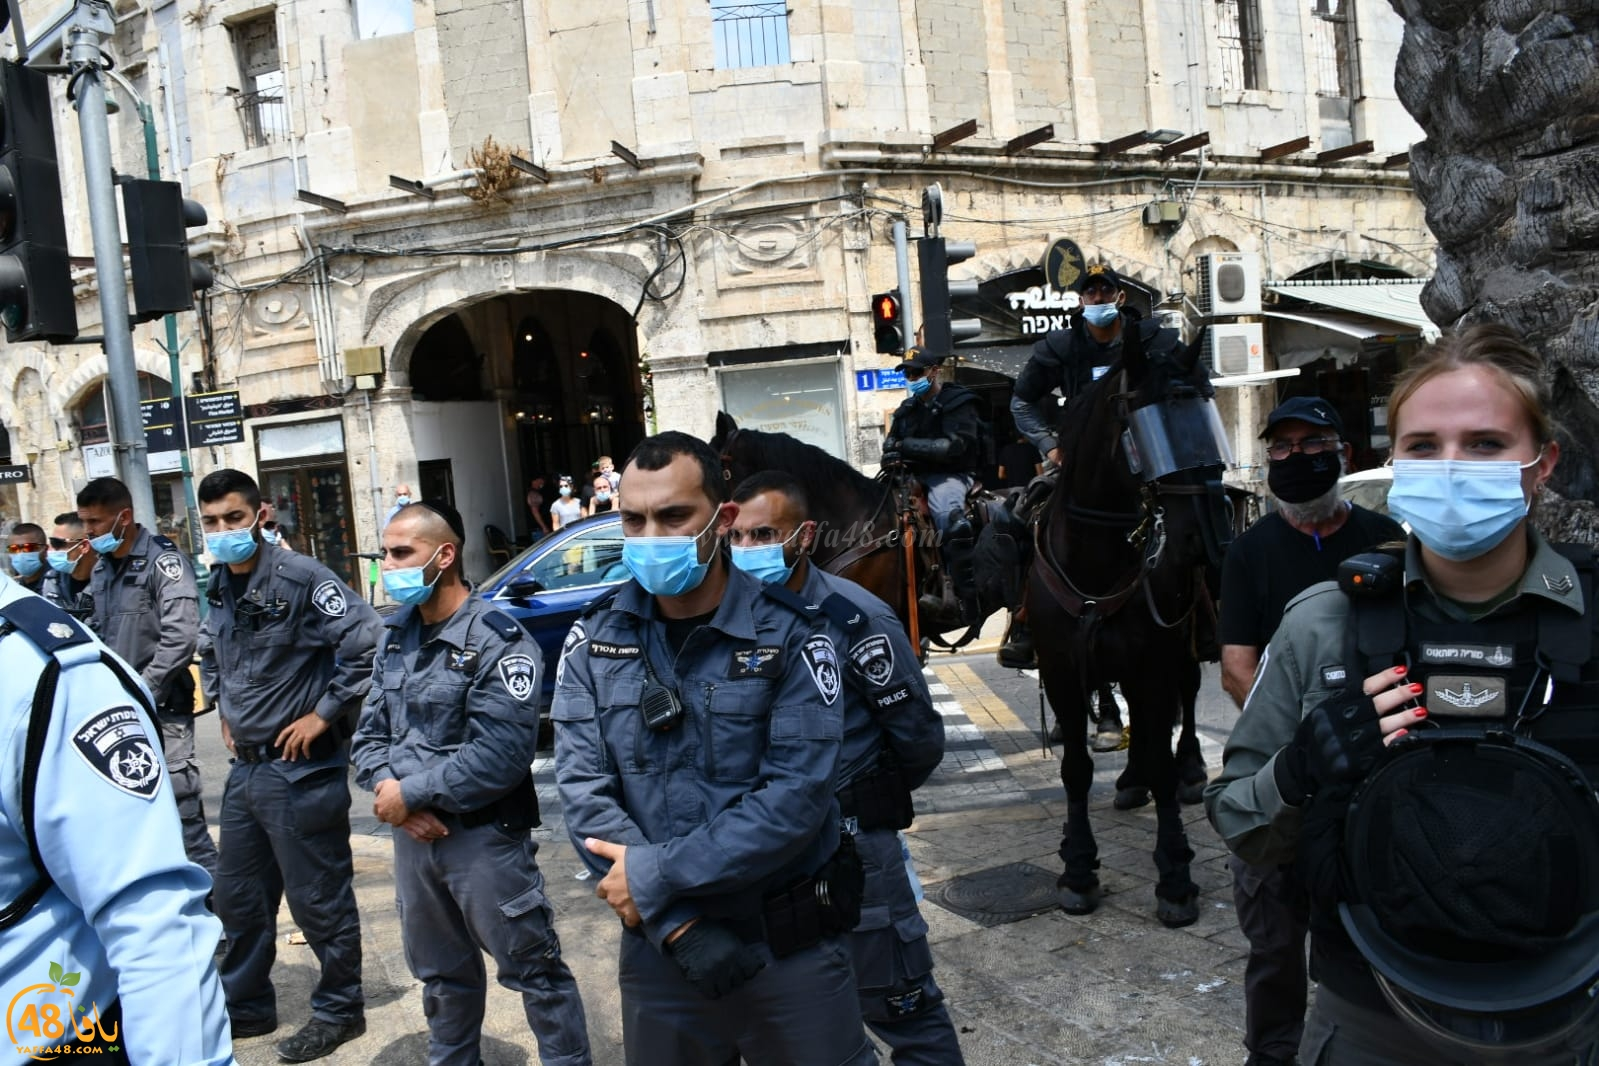 فيديو: مسيرة غاضبة في أعقاب صلاة الجمعة تنديداً بتدنيس مقبرة الإسعاف بيافا